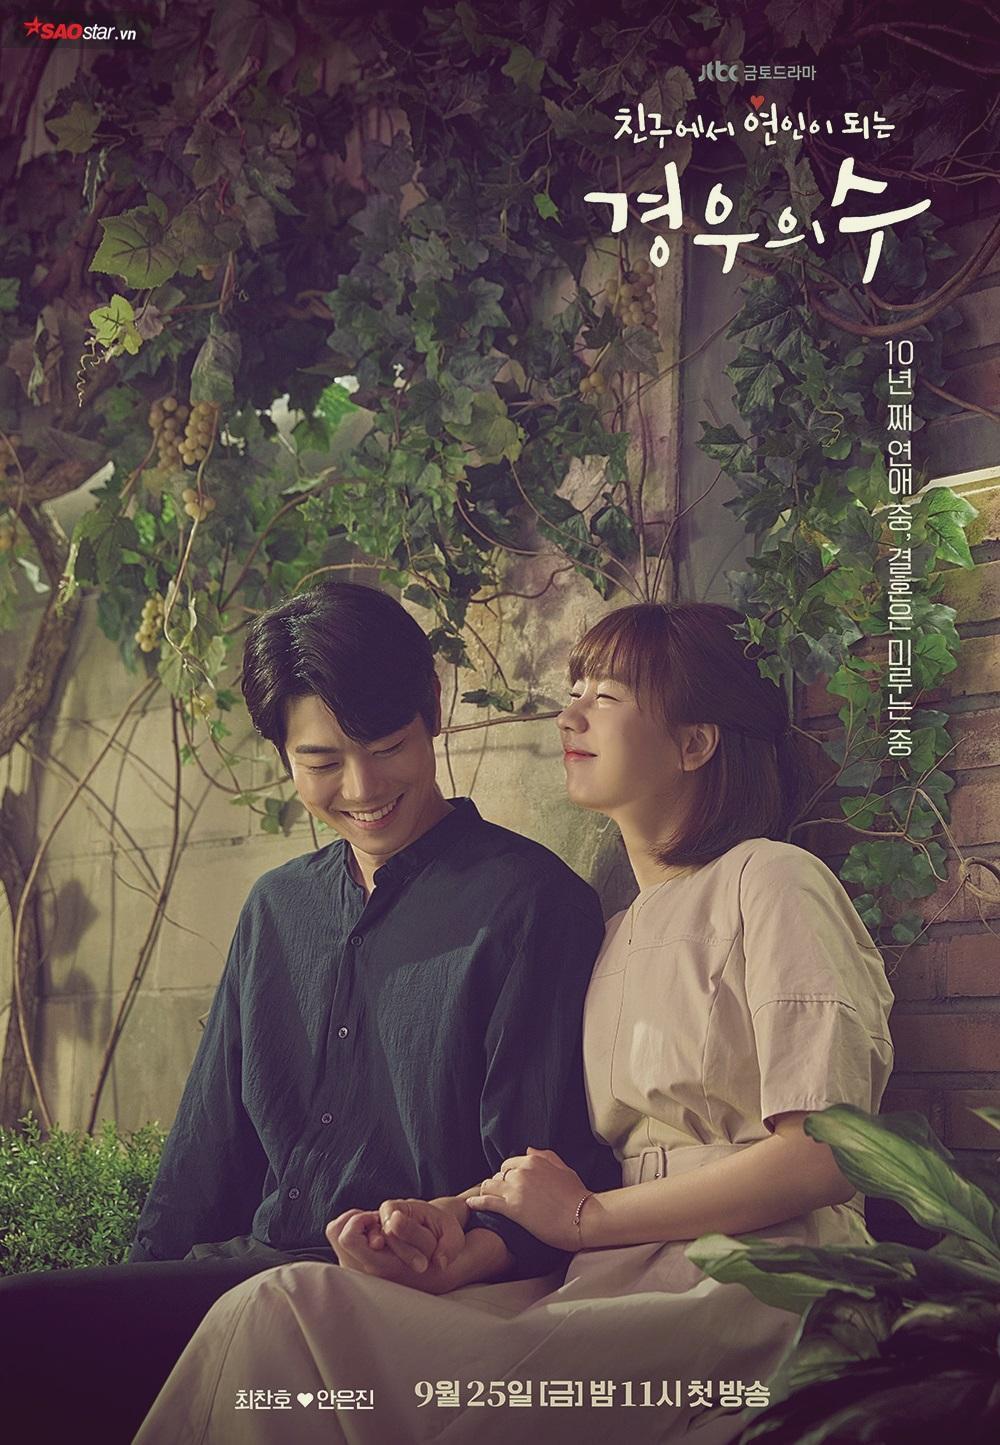 Phim truyền hình Hàn Quốc cuối tháng 9: Đa dạng thể loại nhưng nội dung không mới mẻ Ảnh 8